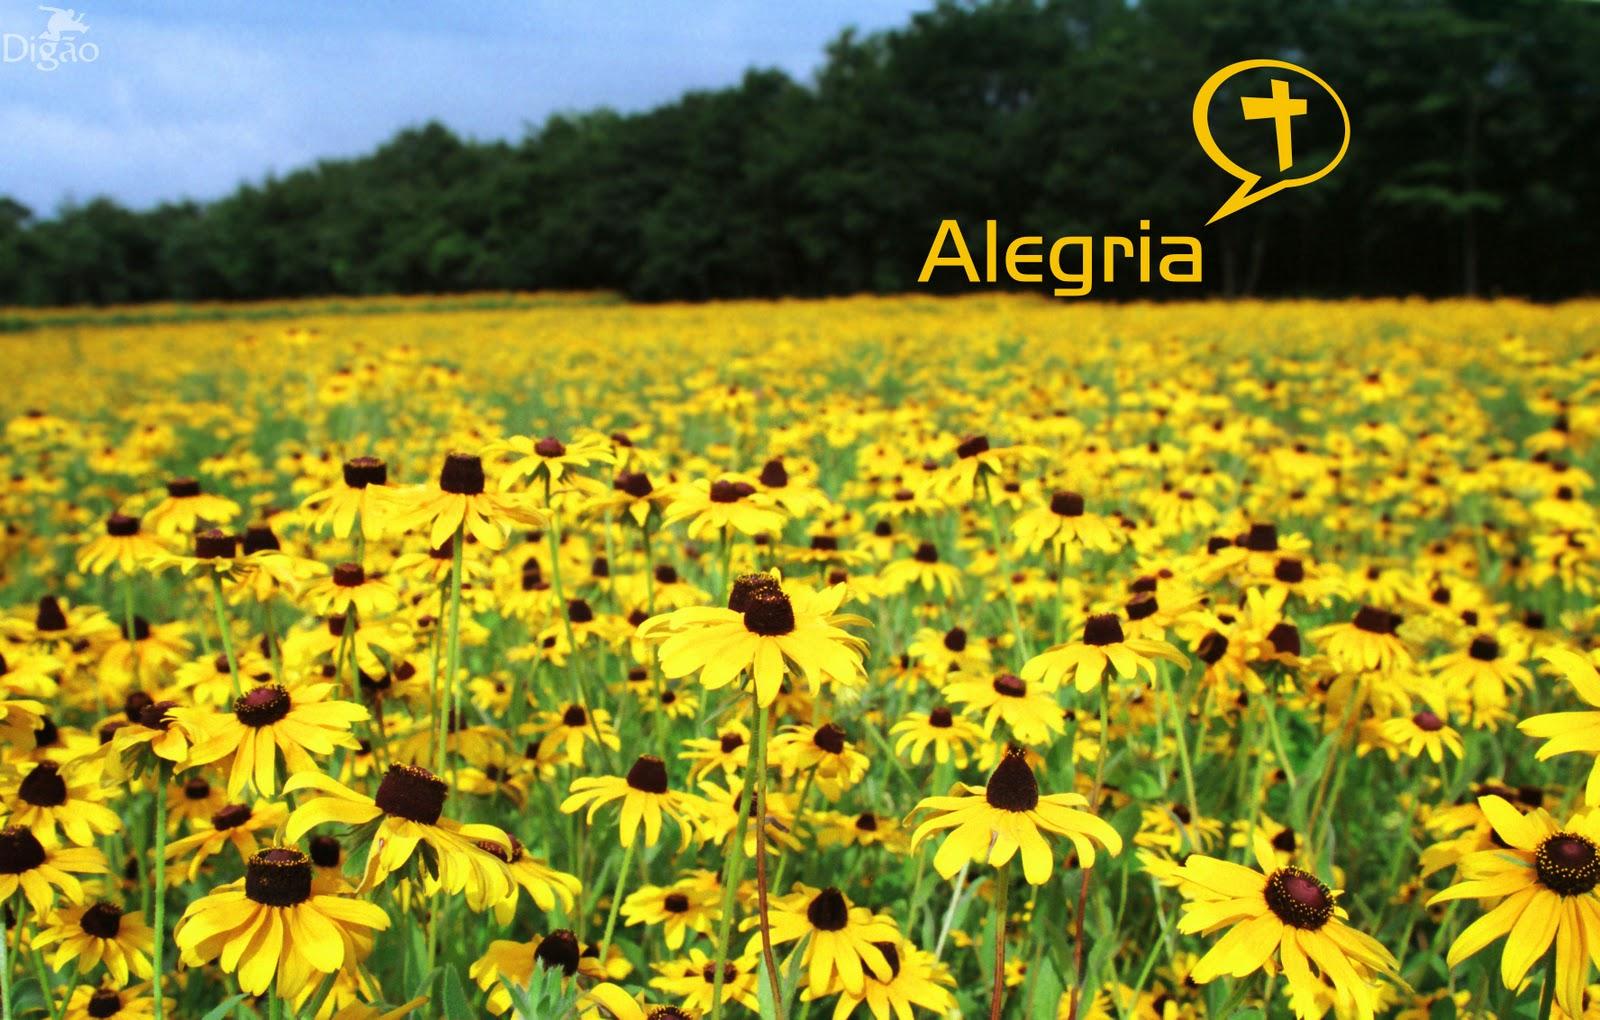 http://4.bp.blogspot.com/-qKPdcsI6r1c/Tnn1k4nn8vI/AAAAAAAAC34/7Y36i4P969E/s1600/alegria.jpg